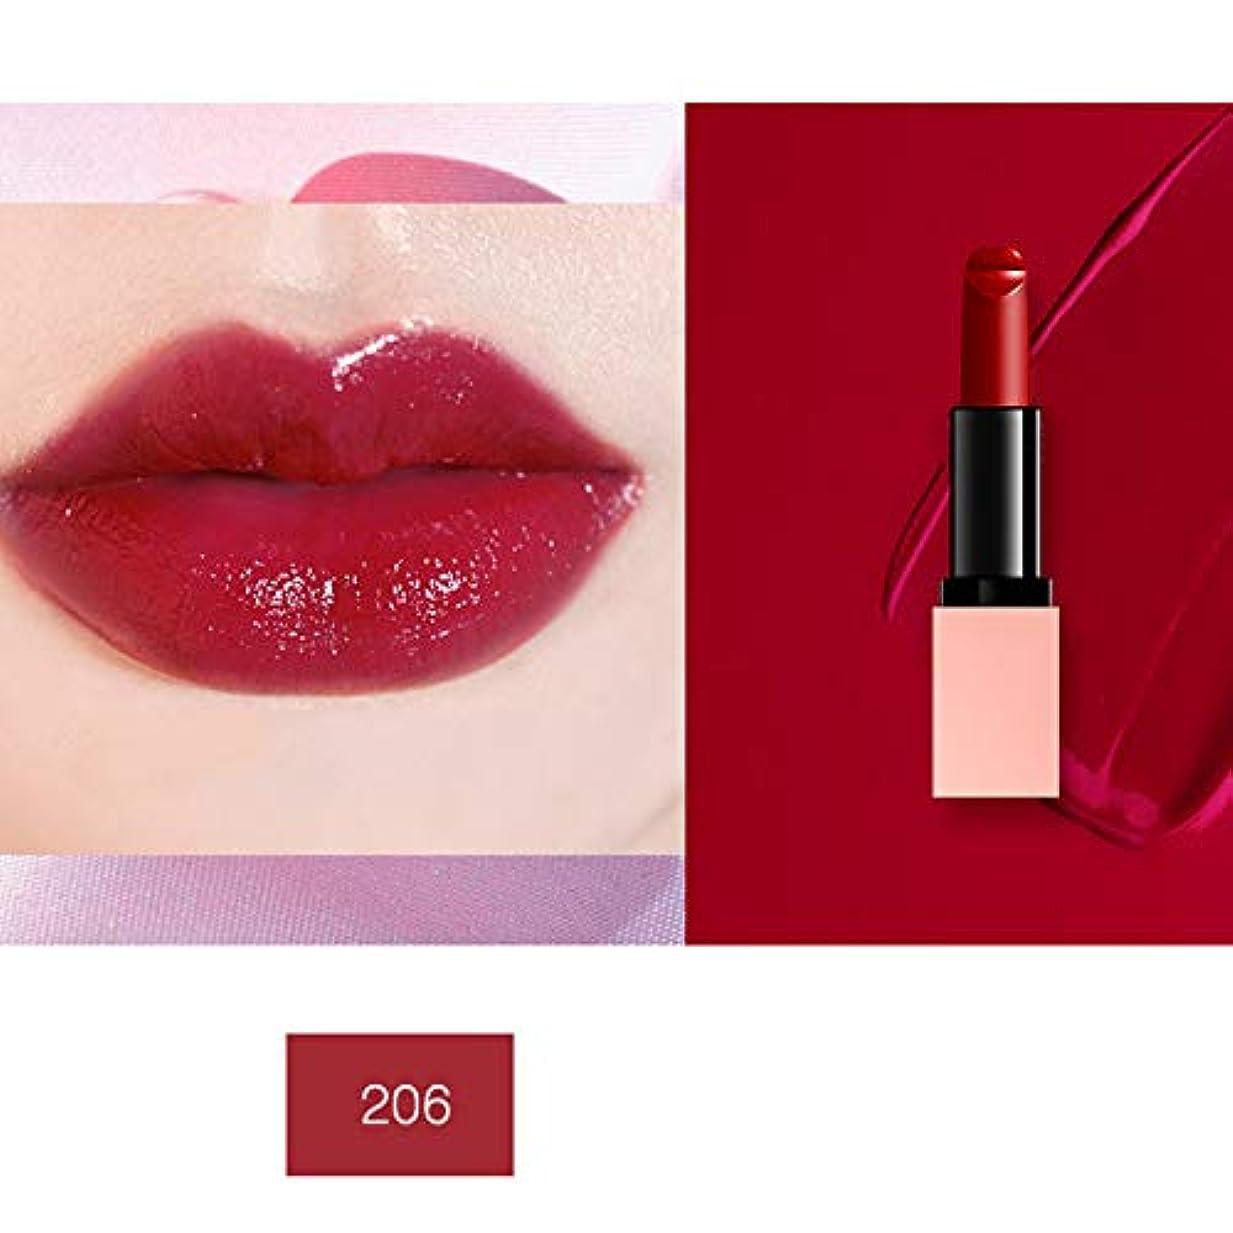 メタンお風呂効果MsJT 1本 リップクリーム 口紅 リップグロス グロス リップ クリアコーティング 桃の花の口紅 ピュアで、飽和し、明るく、自然な色と光沢があり、ポータブル、 絹のような柔らかいリップクリーム